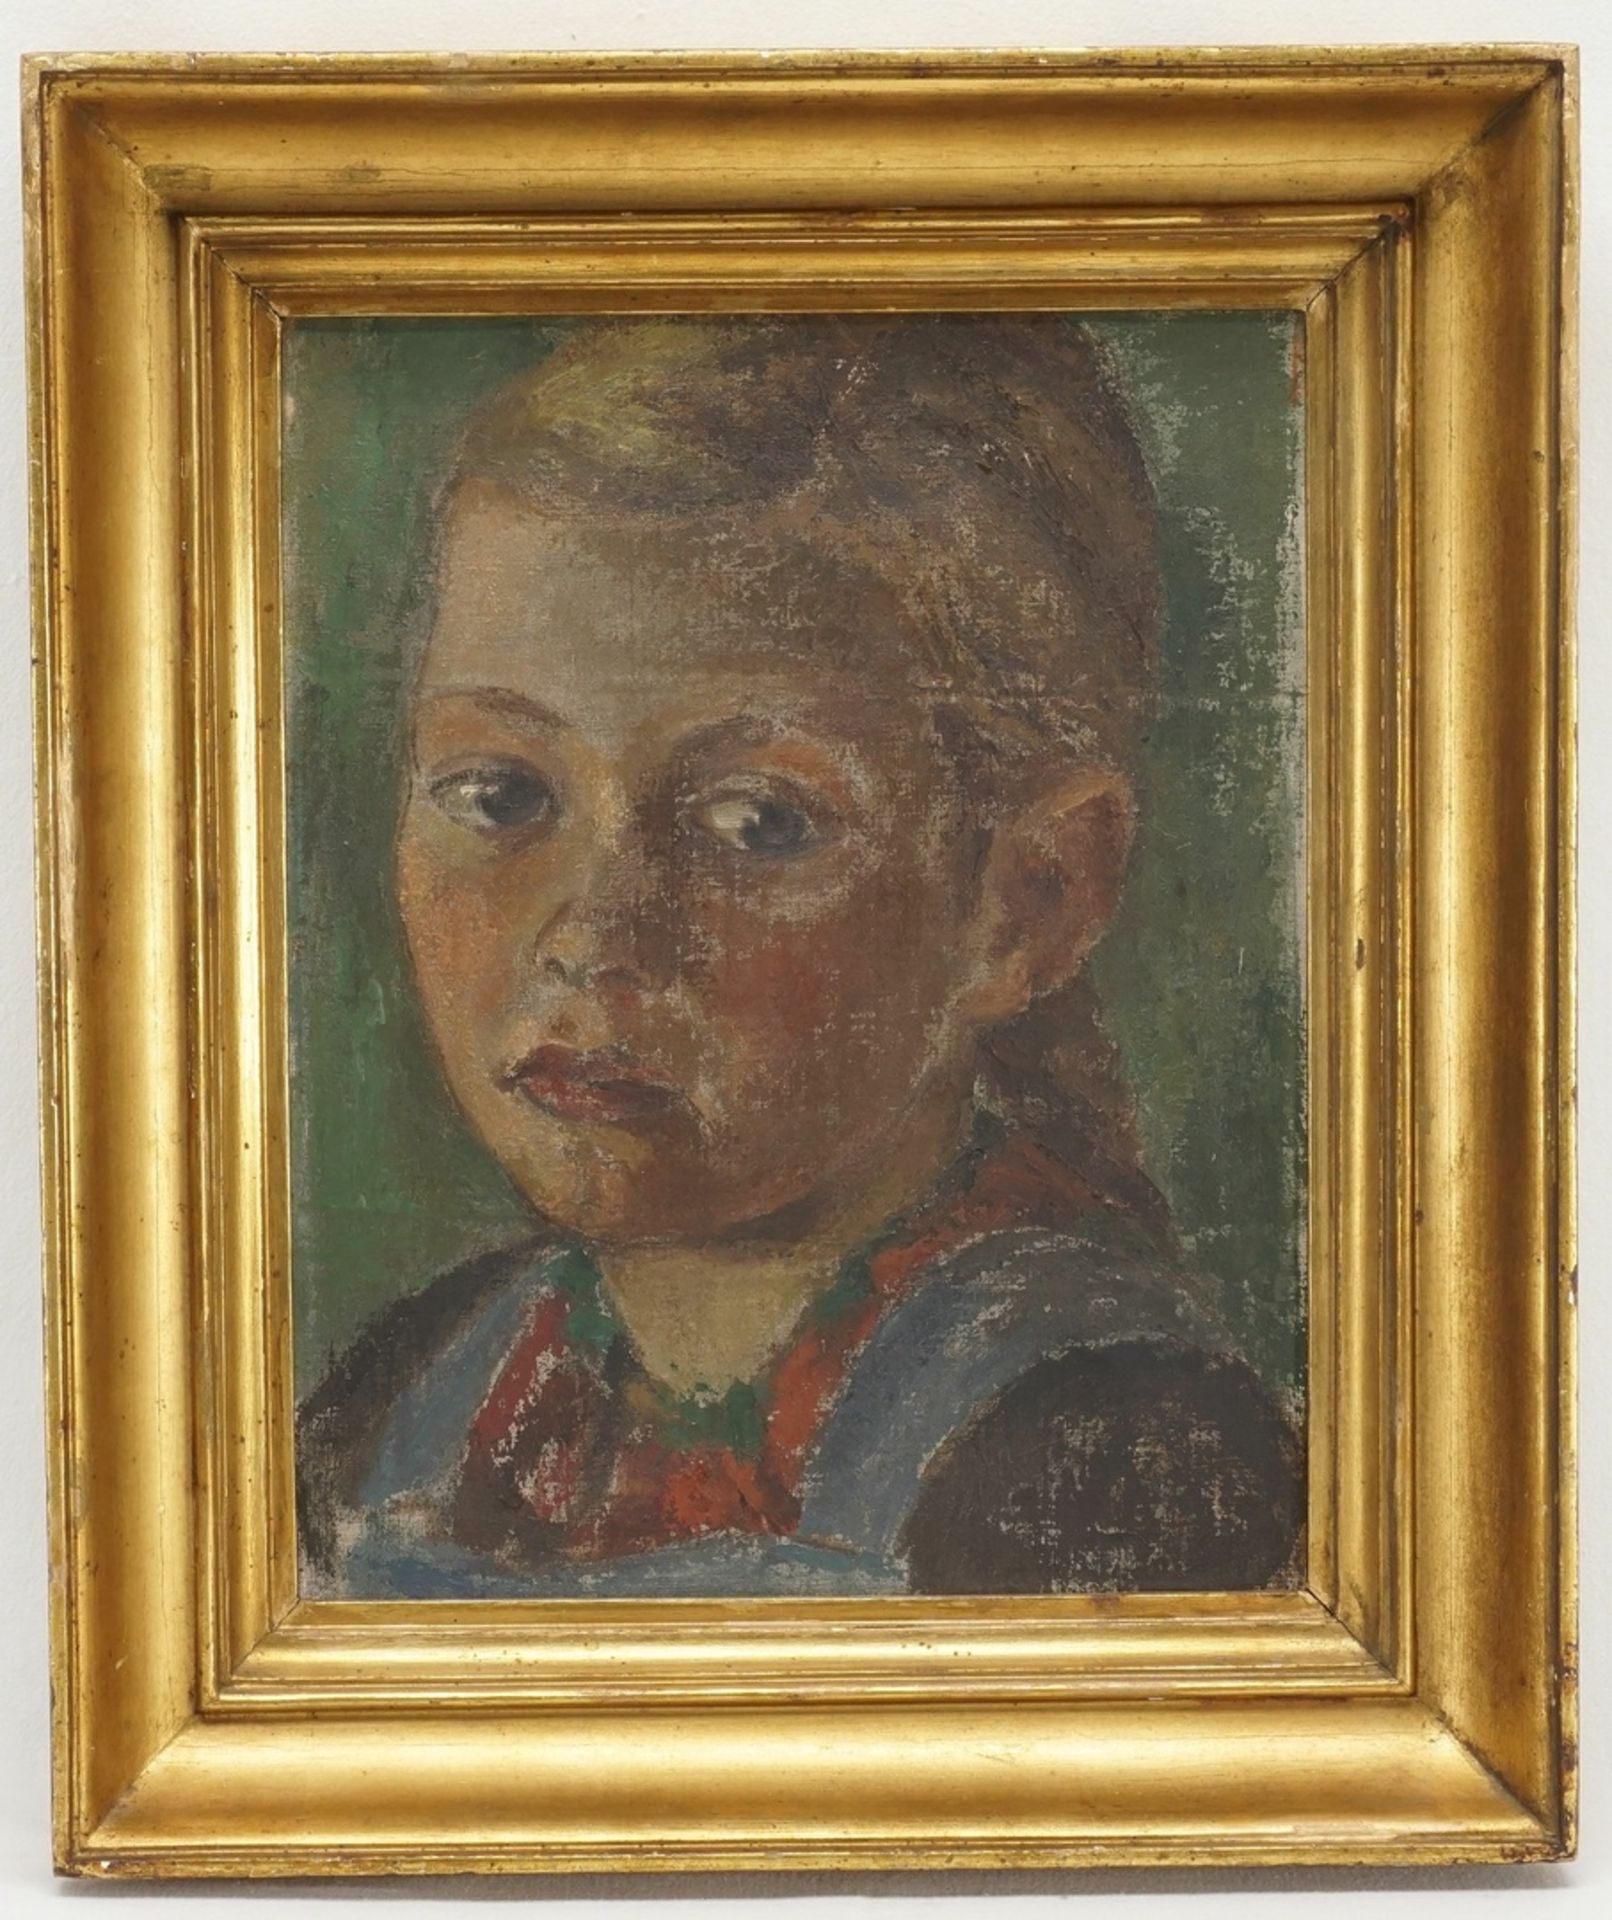 """Unbekannter Maler der frühen Moderne, """"Mädchenbildnis"""" - Bild 2 aus 3"""